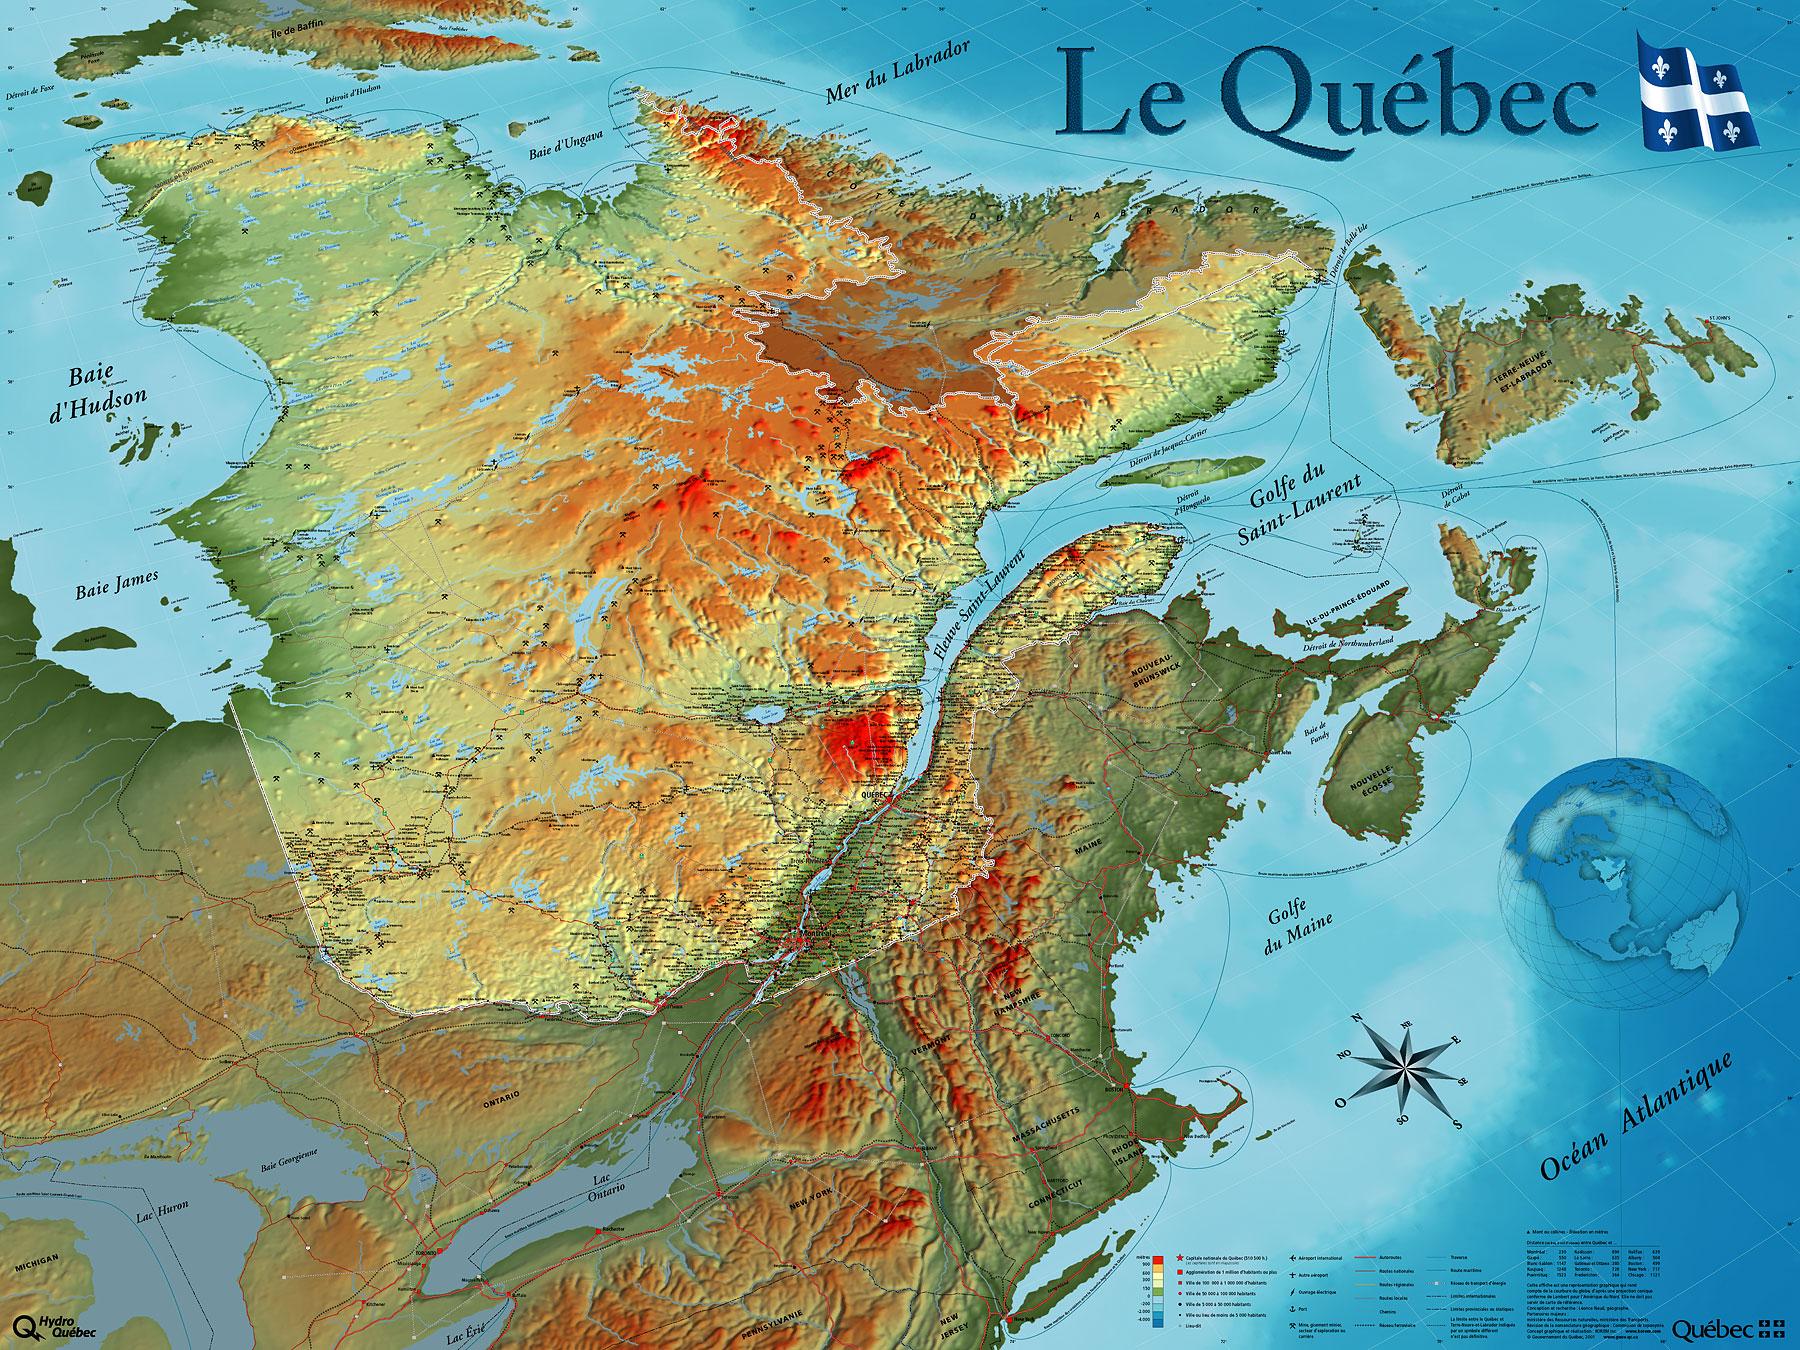 http://wikiquebec.org/images/0/03/Carte-du-quebec-leonce-naud.jpg